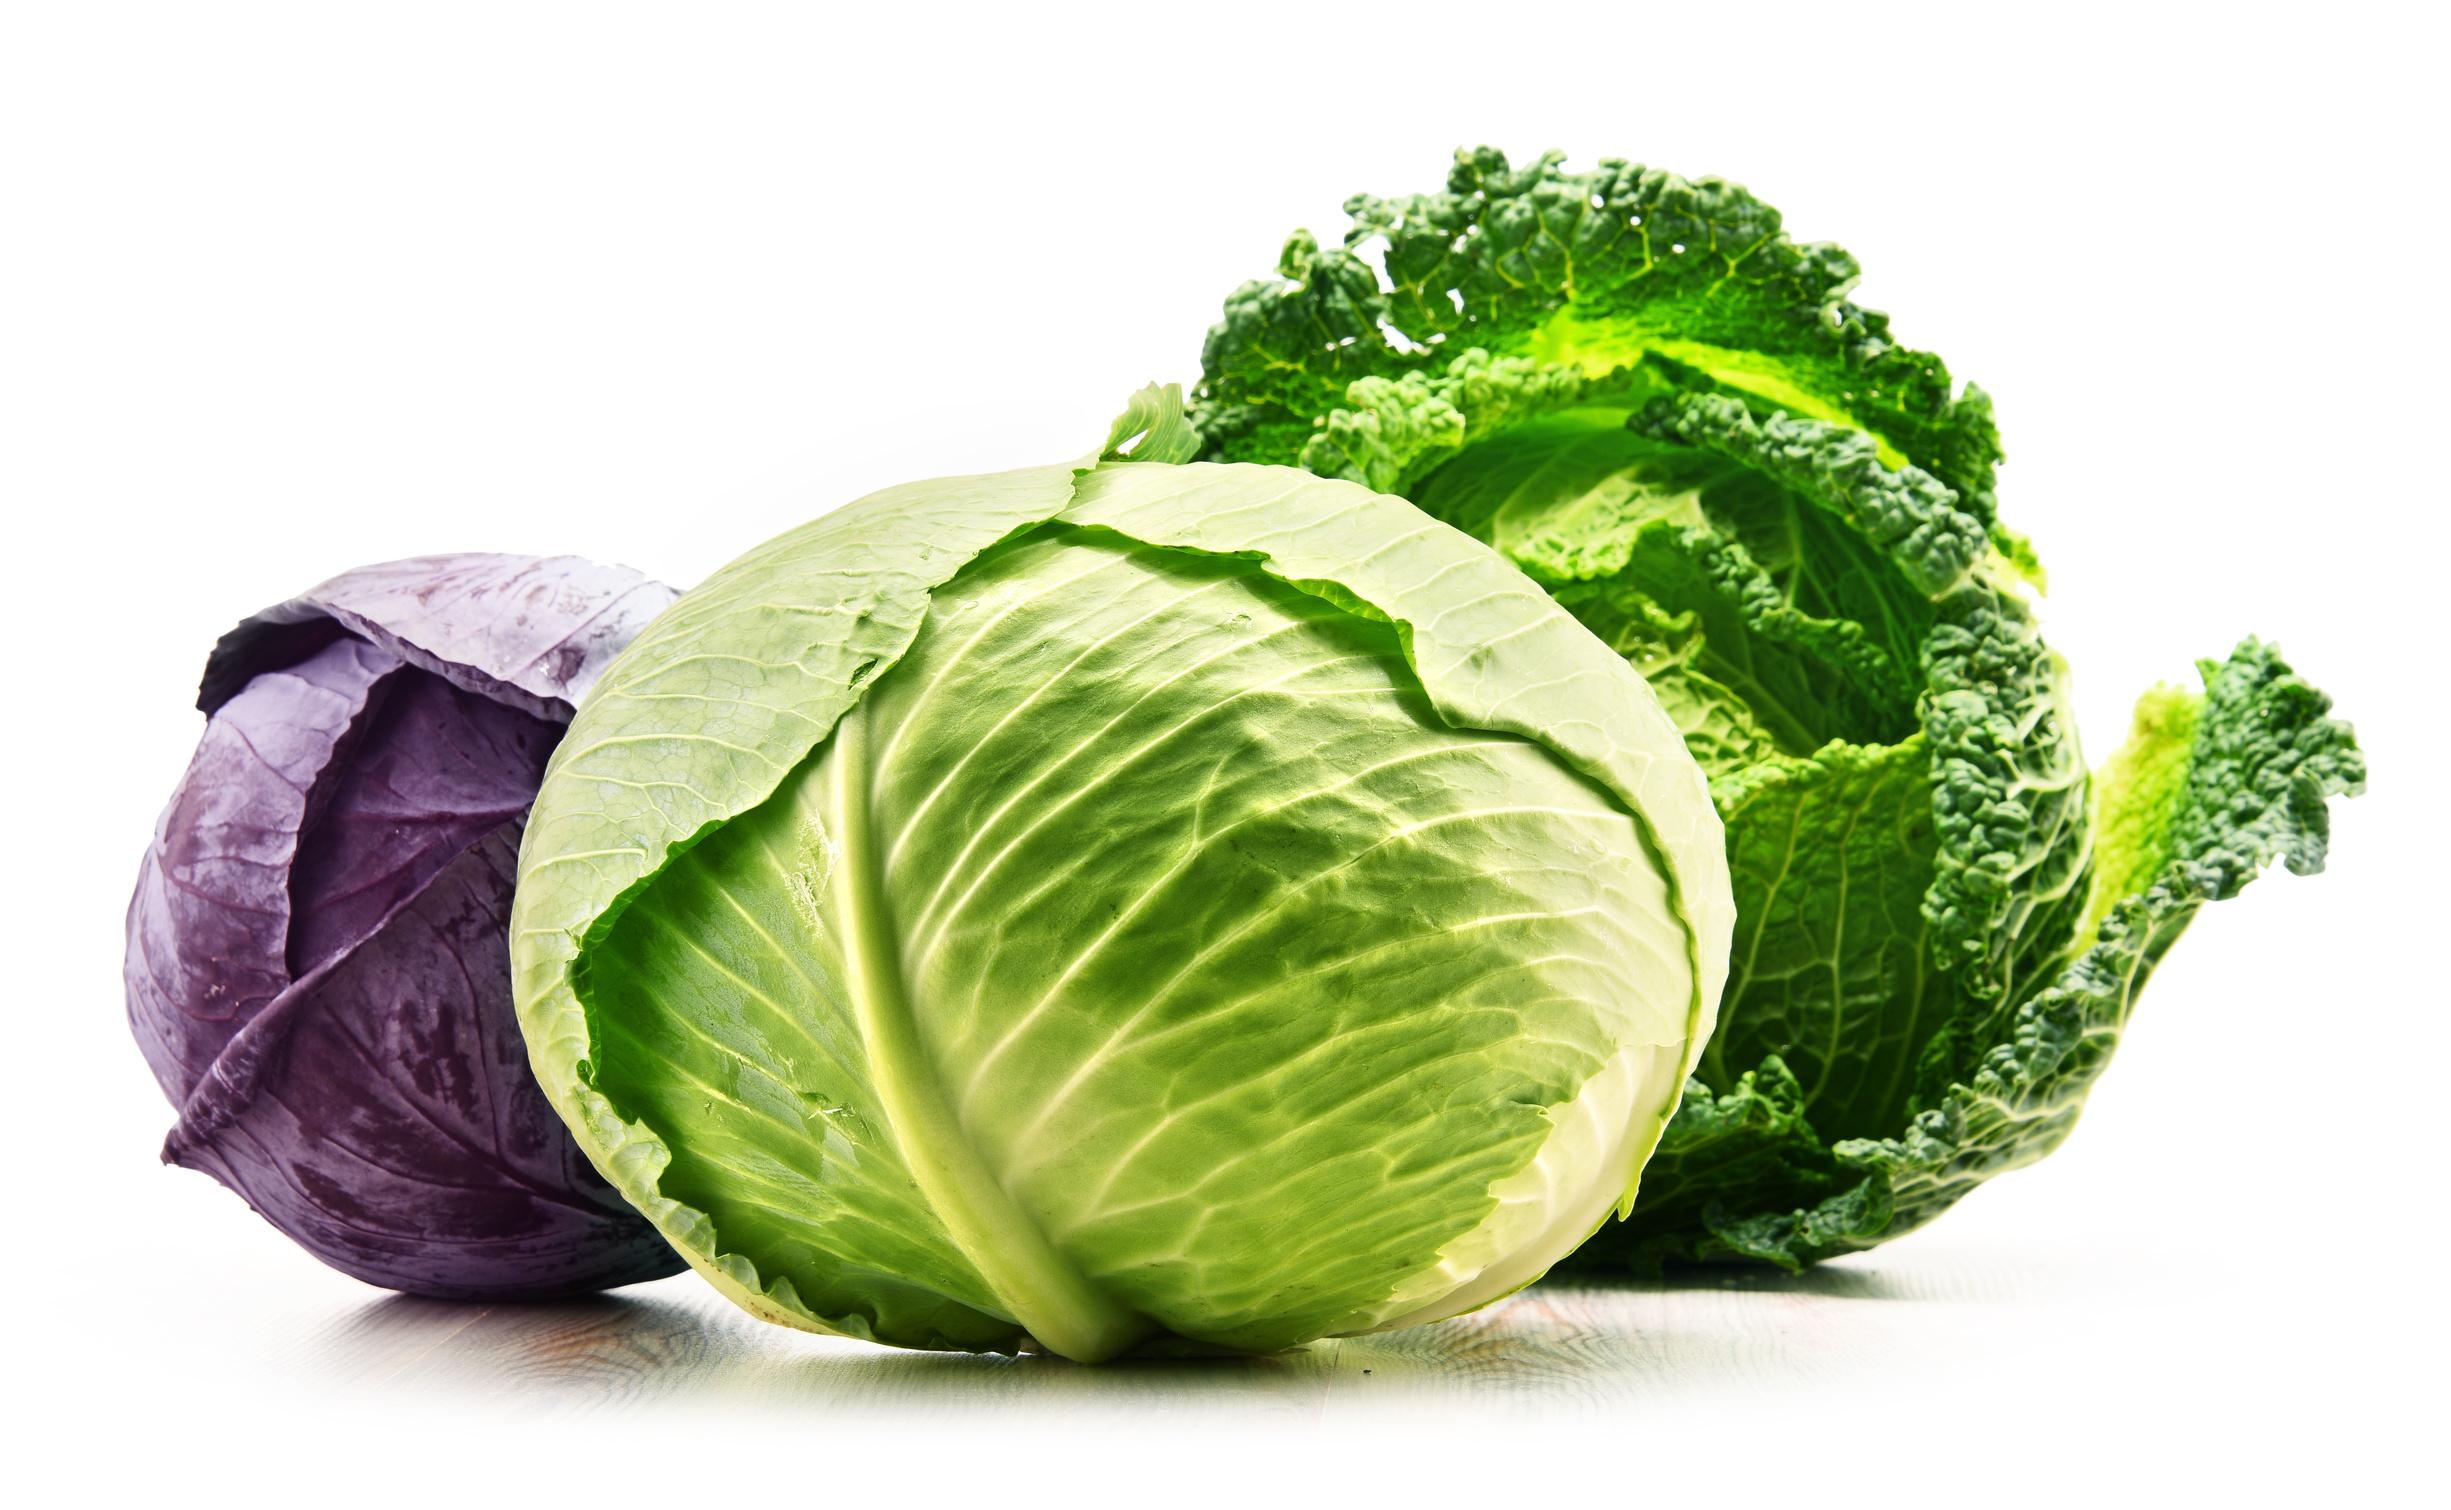 高麗菜是天然胃藥 還能預防4種癌癥 | 營養 | 高麗蔘 | 醫學 | 大紀元